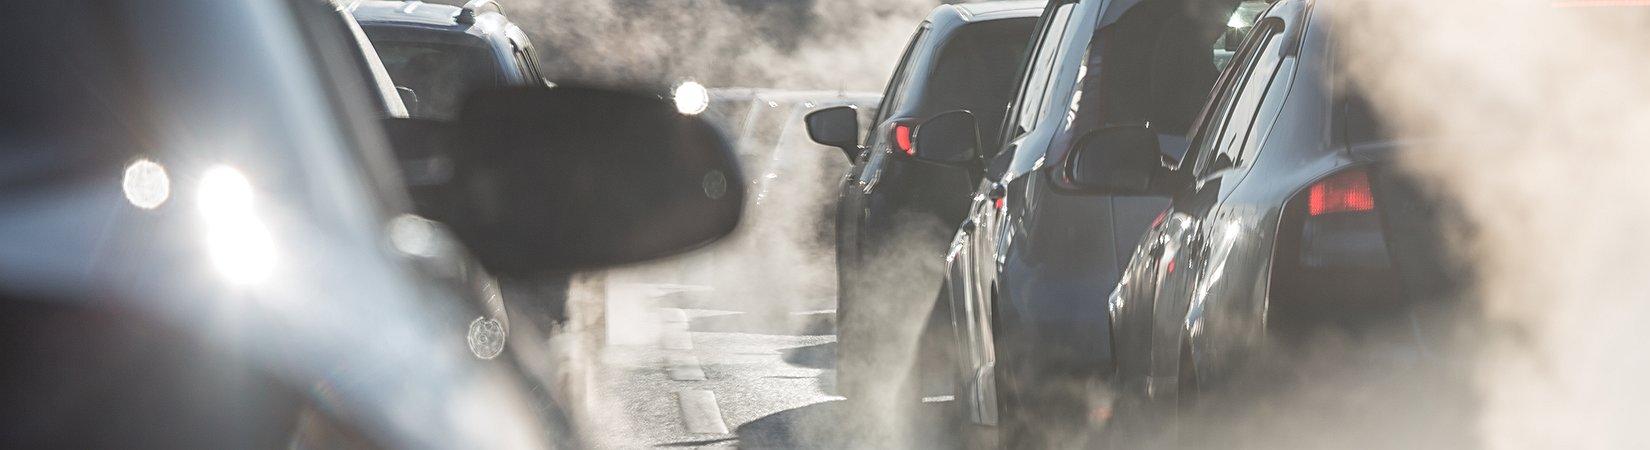 Los coches que circulan en nuestro país exceden el límite de emisiones